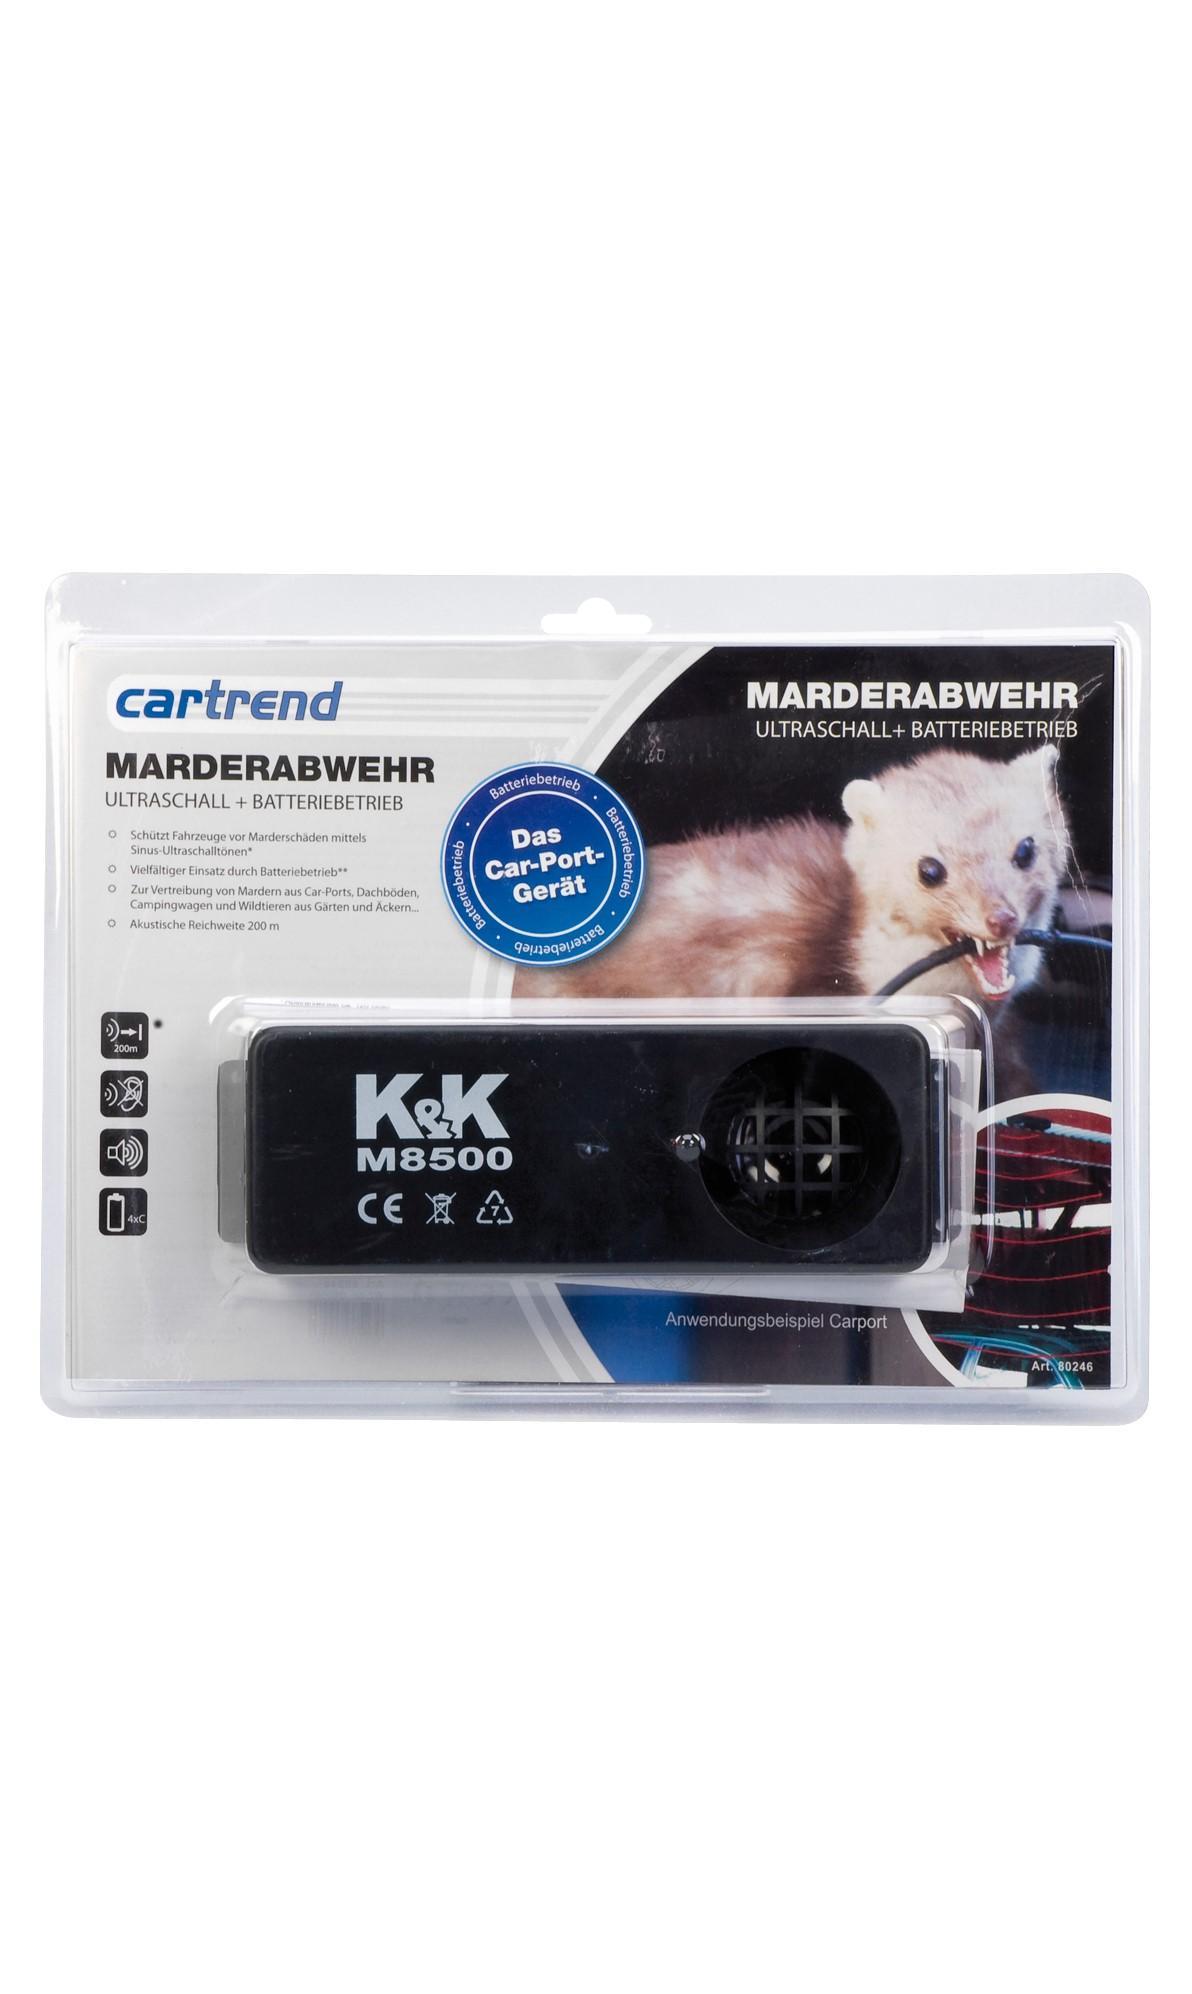 80246 CARTREND M8500 Marderschutz 80246 günstig kaufen